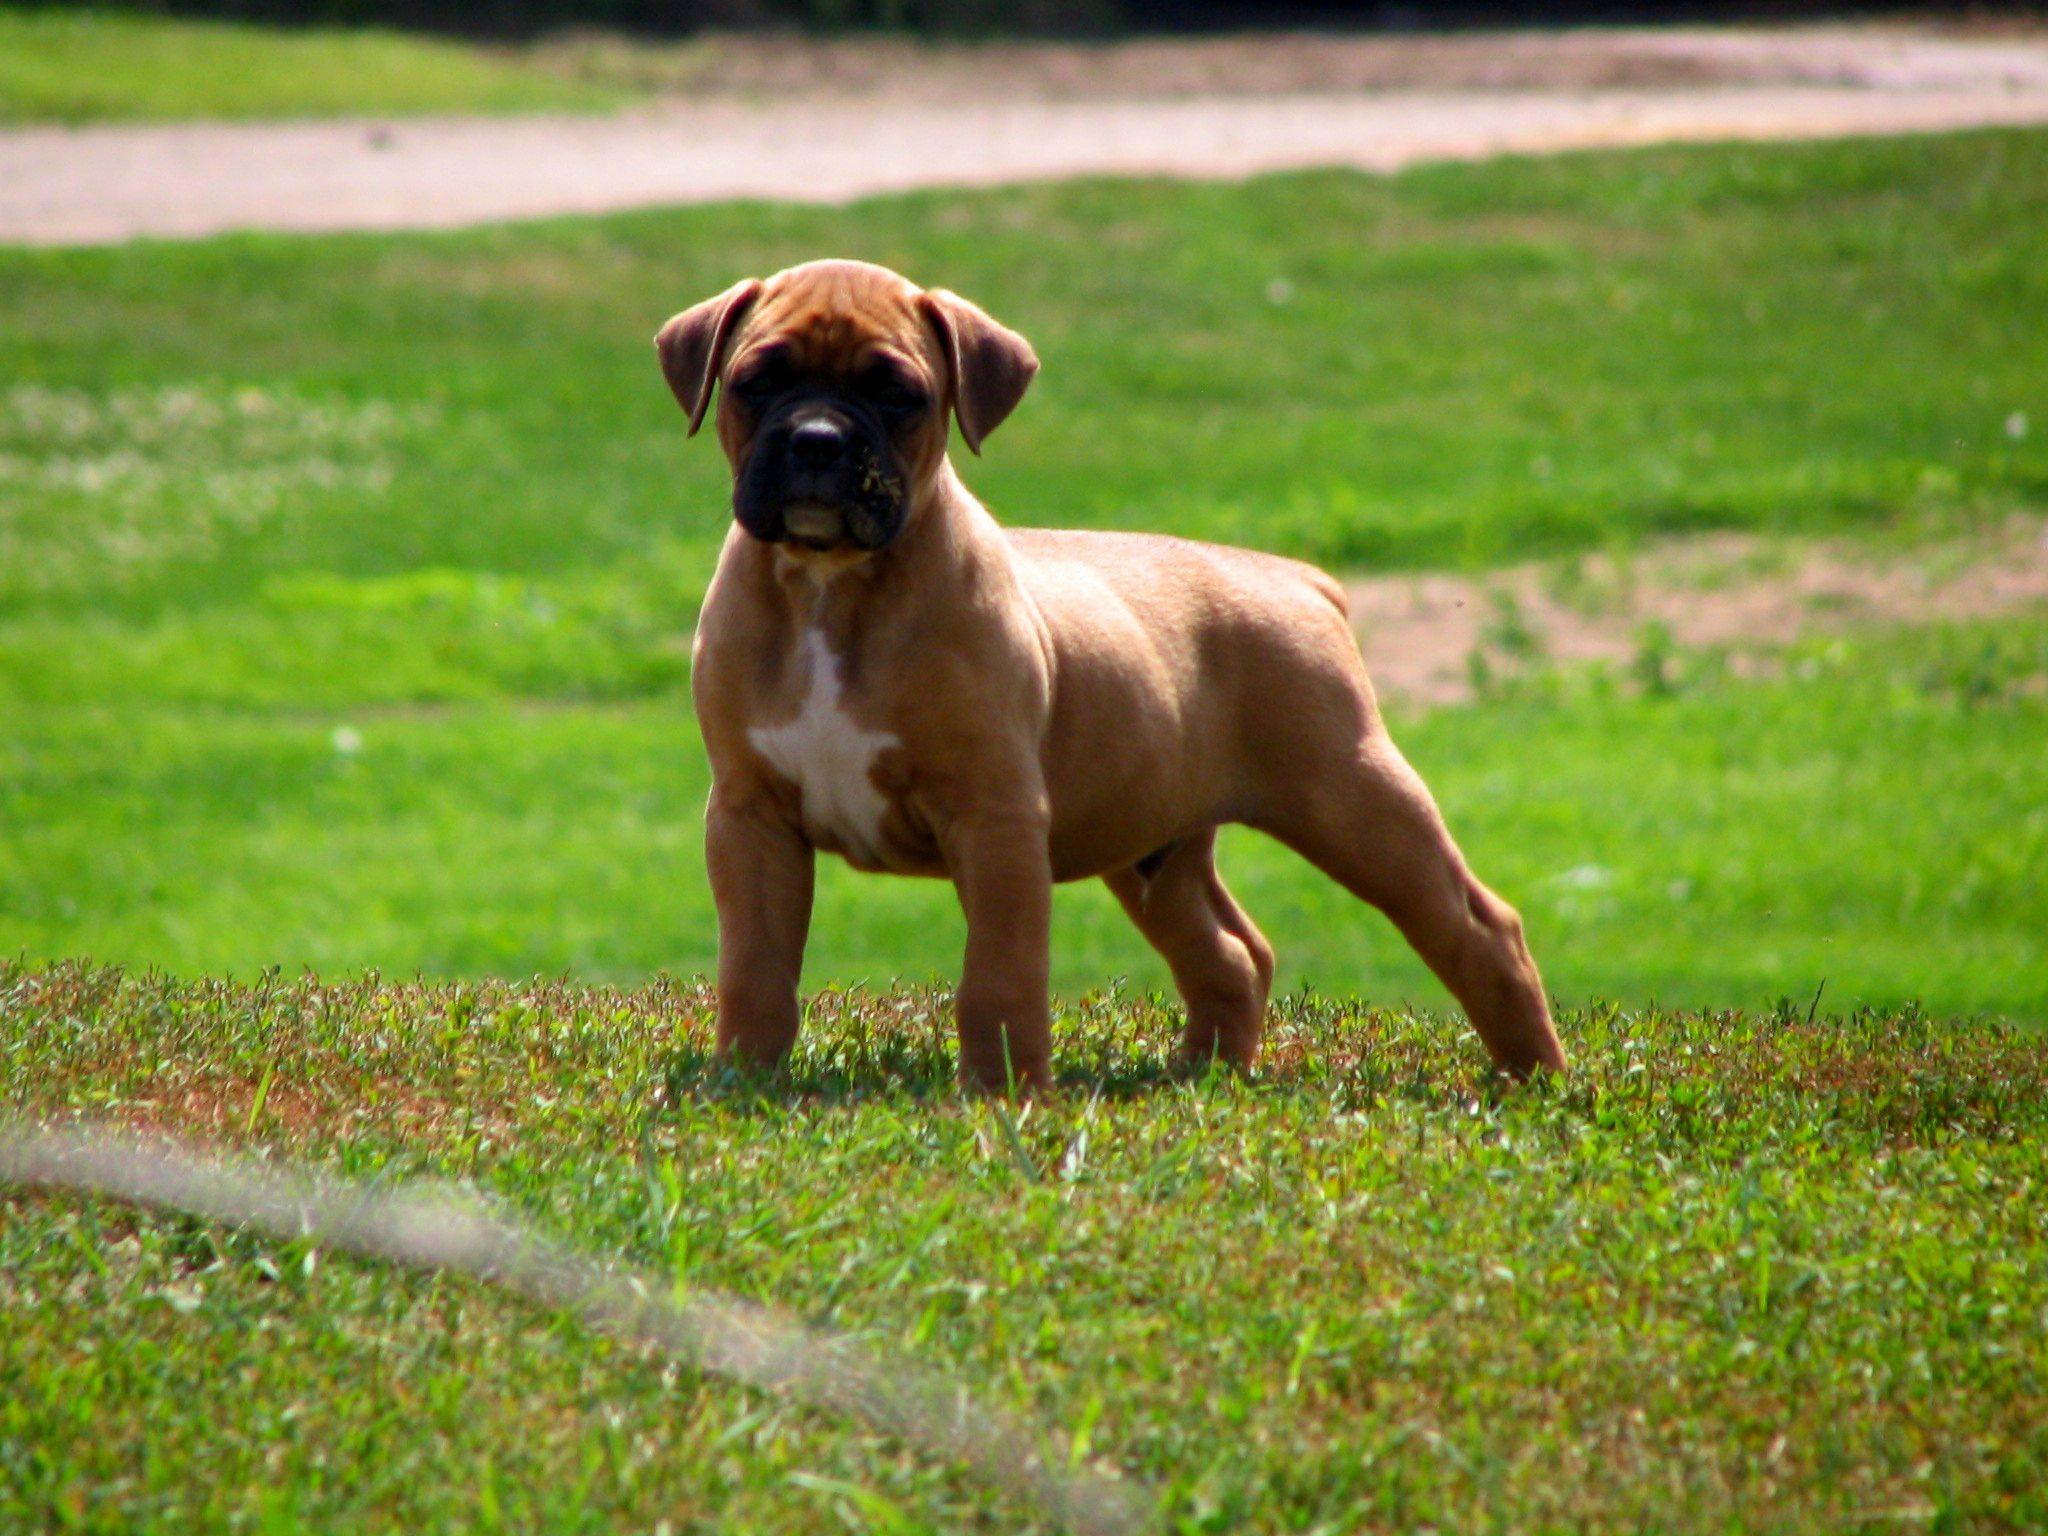 boxer dog puppy wallpaper photos 62527